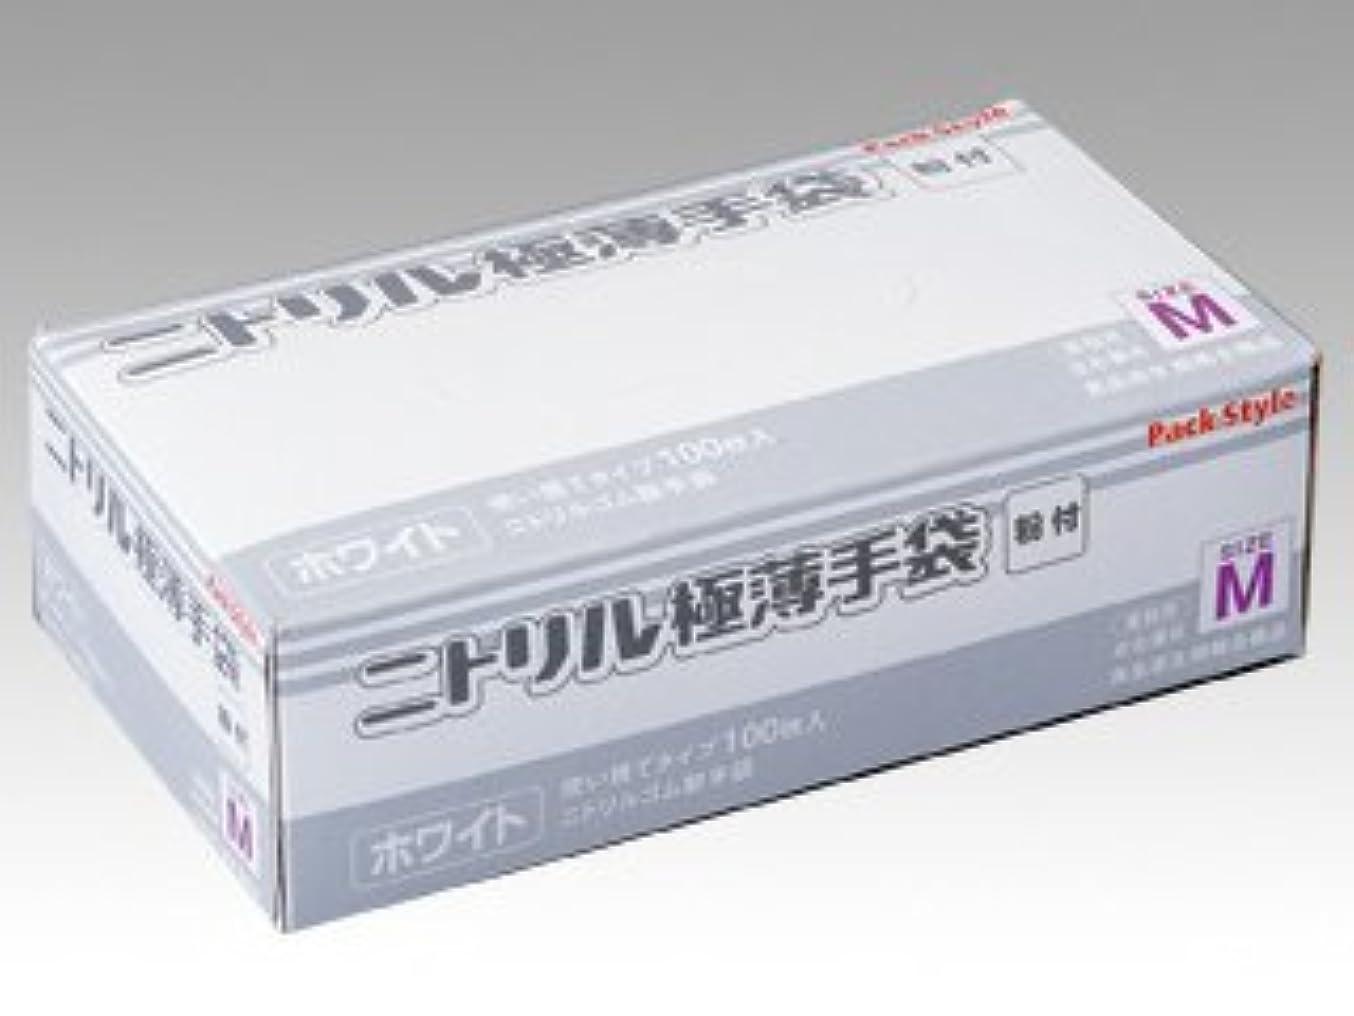 エチケットシングルケニア【PackStyle】ニトリル手袋 粉付 白 M